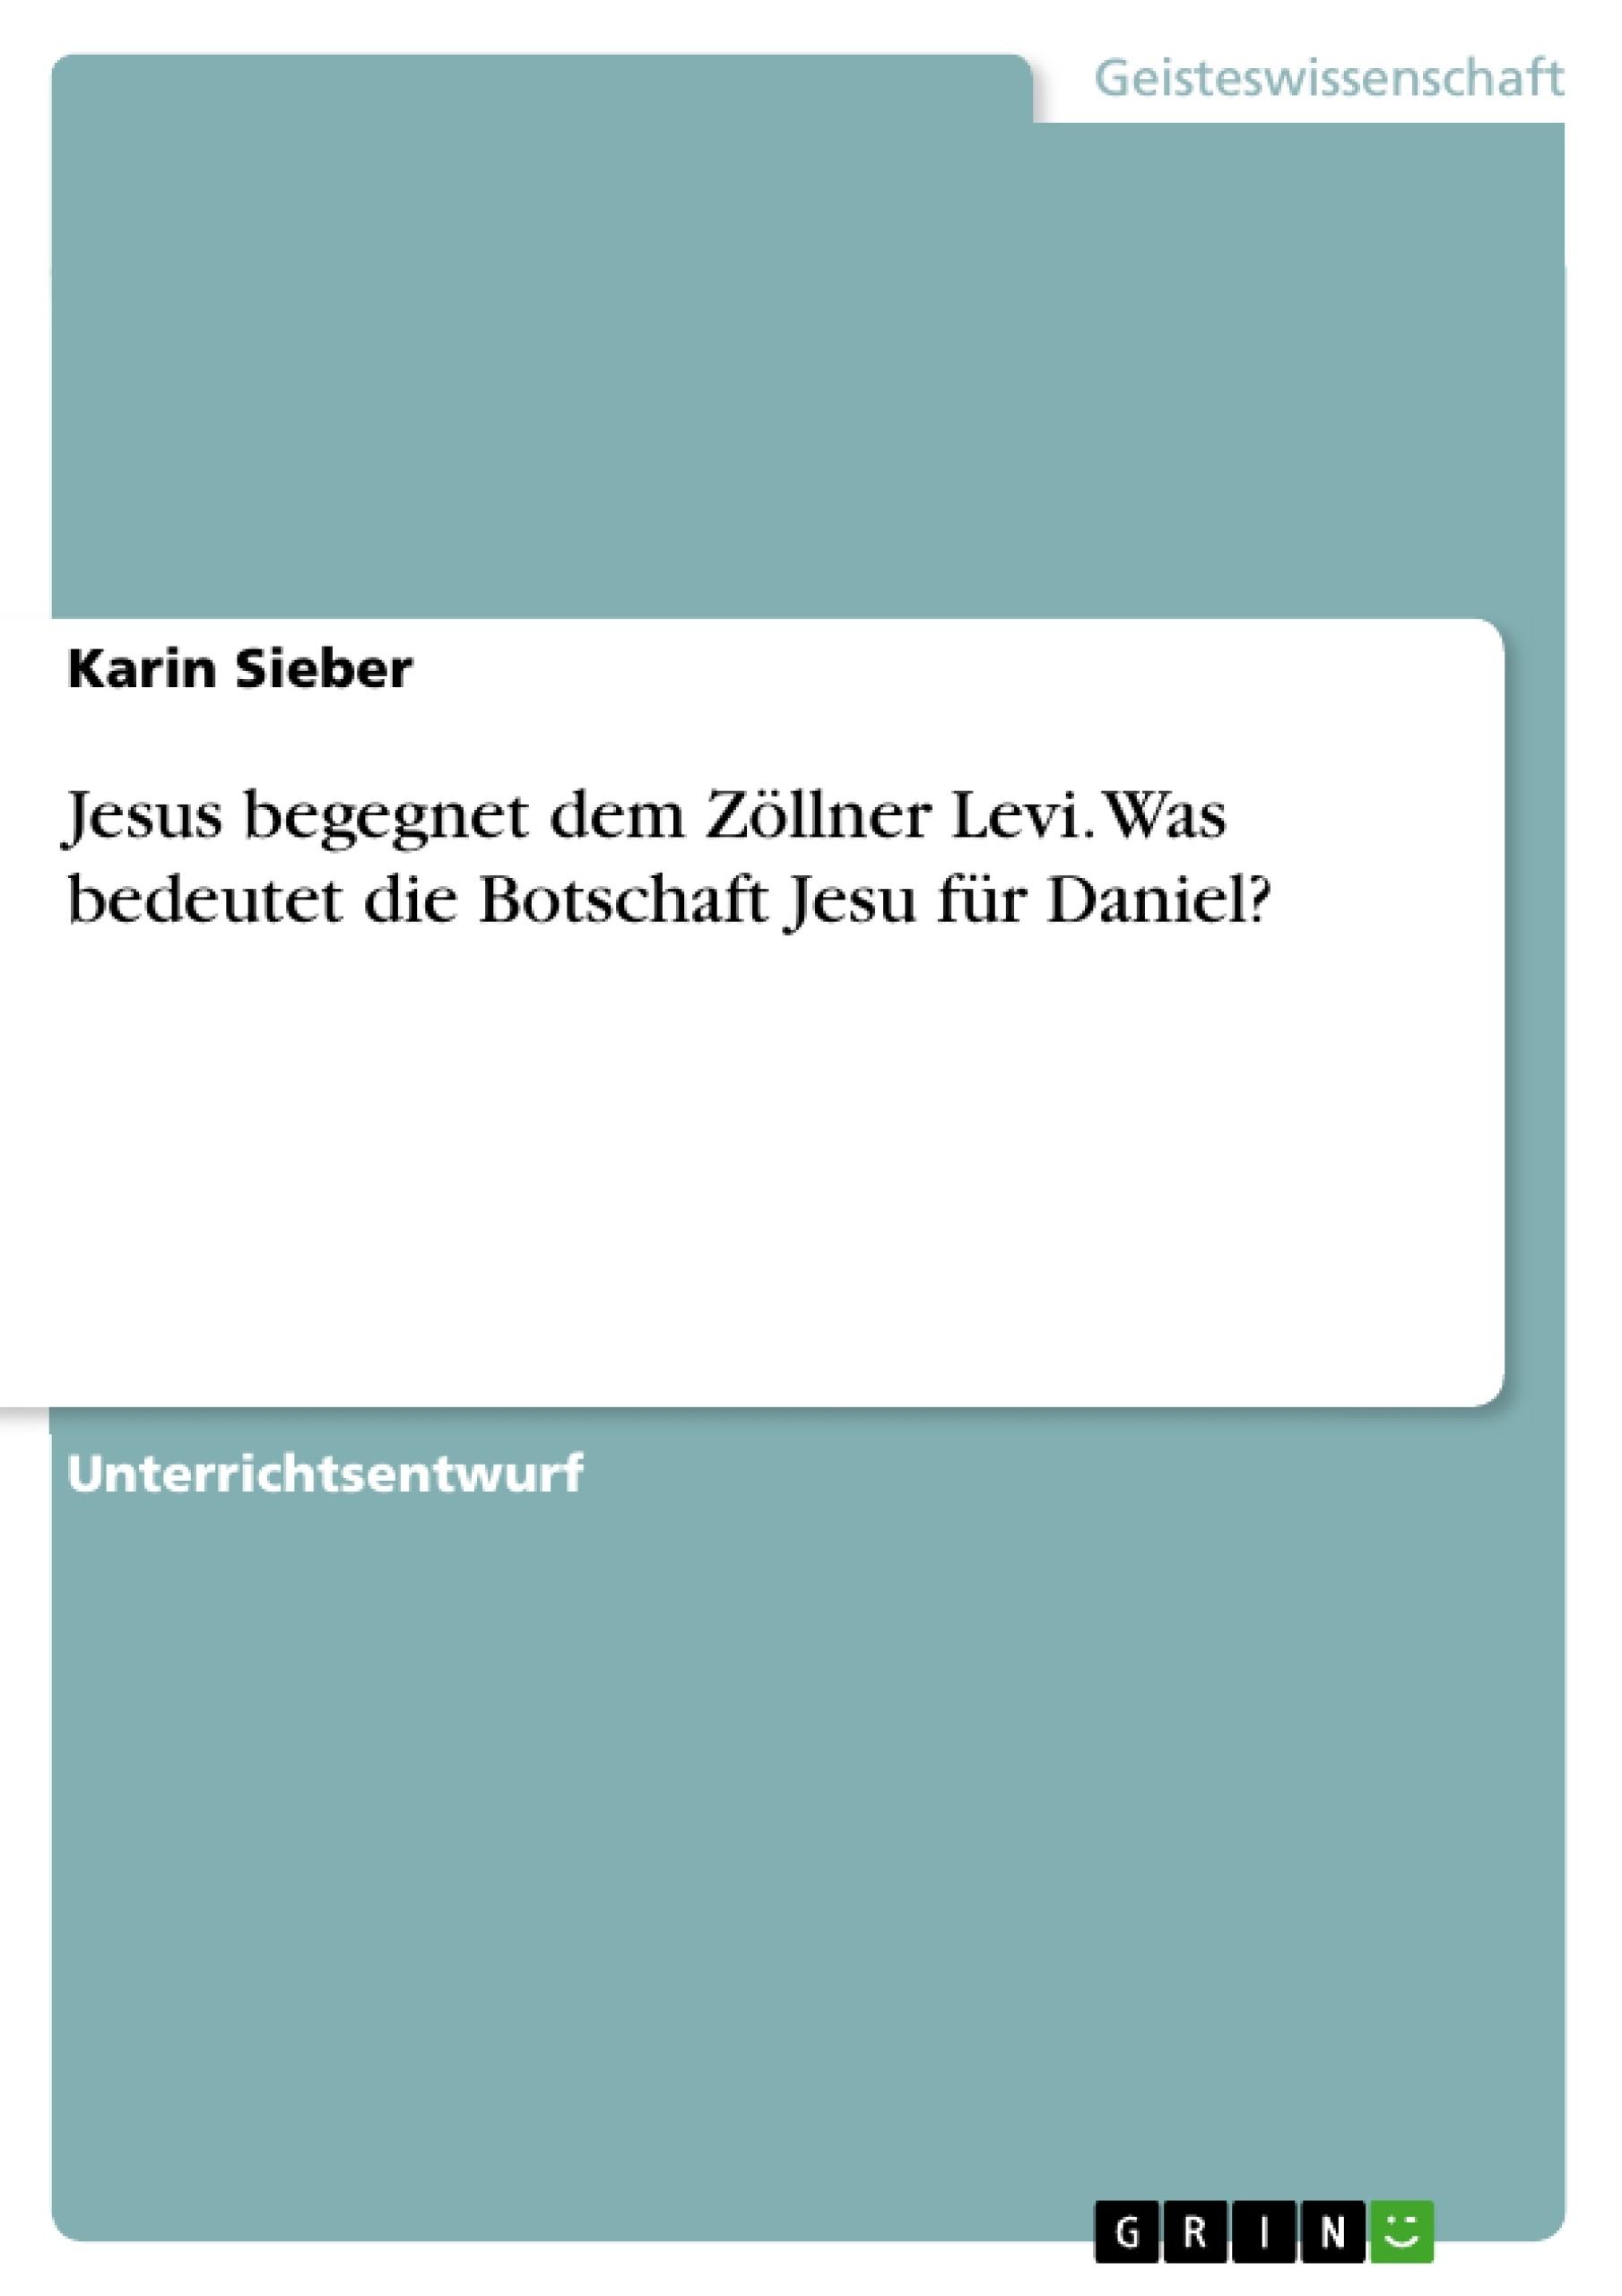 Titel: Jesus begegnet dem Zöllner Levi. Was bedeutet die Botschaft Jesu für Daniel?